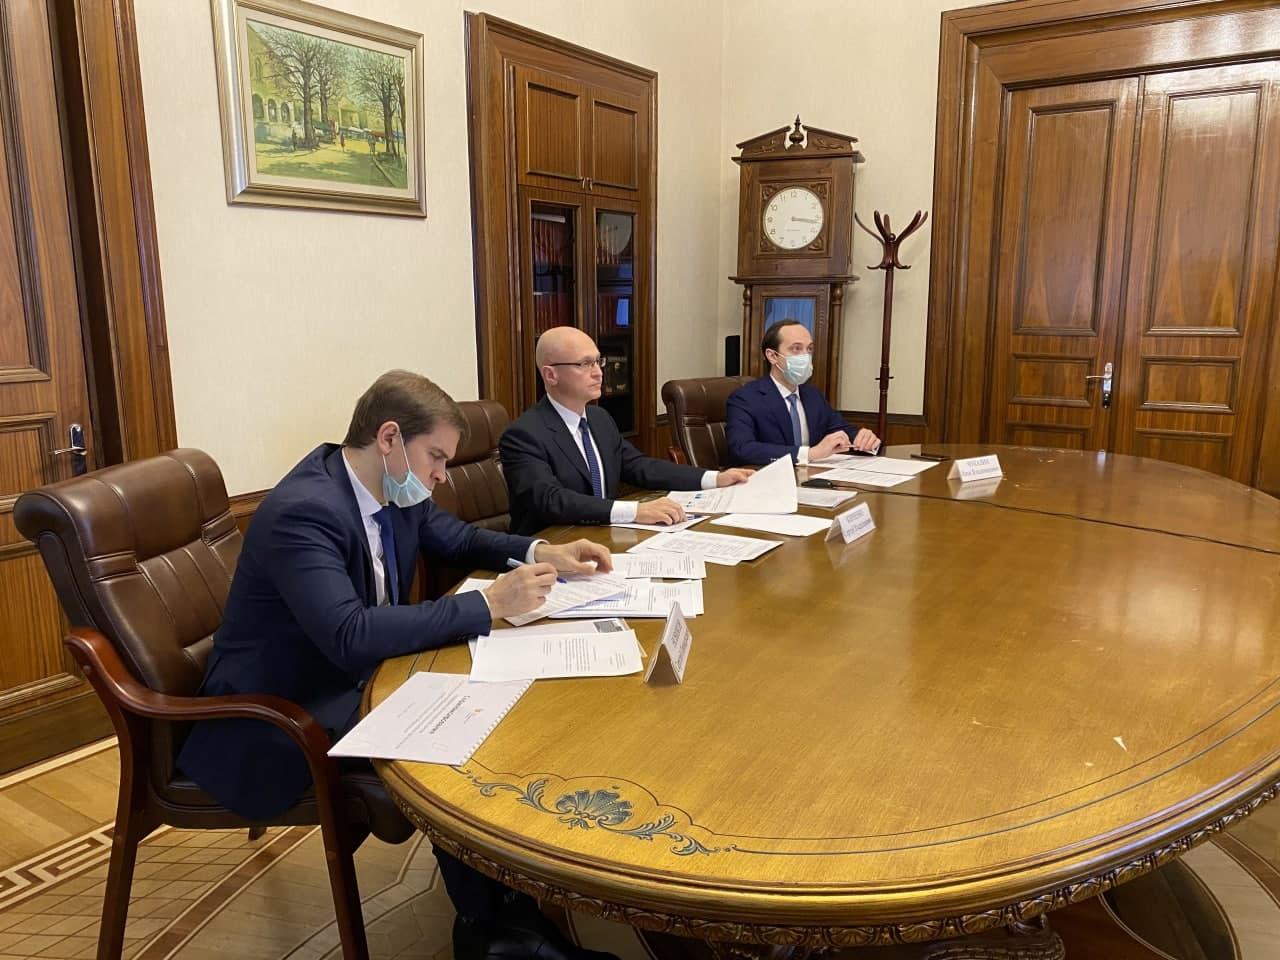 Фонд президентских грантов выделит более 14 млн рублей на поддержку некоммерческих организаций Северной Осетии